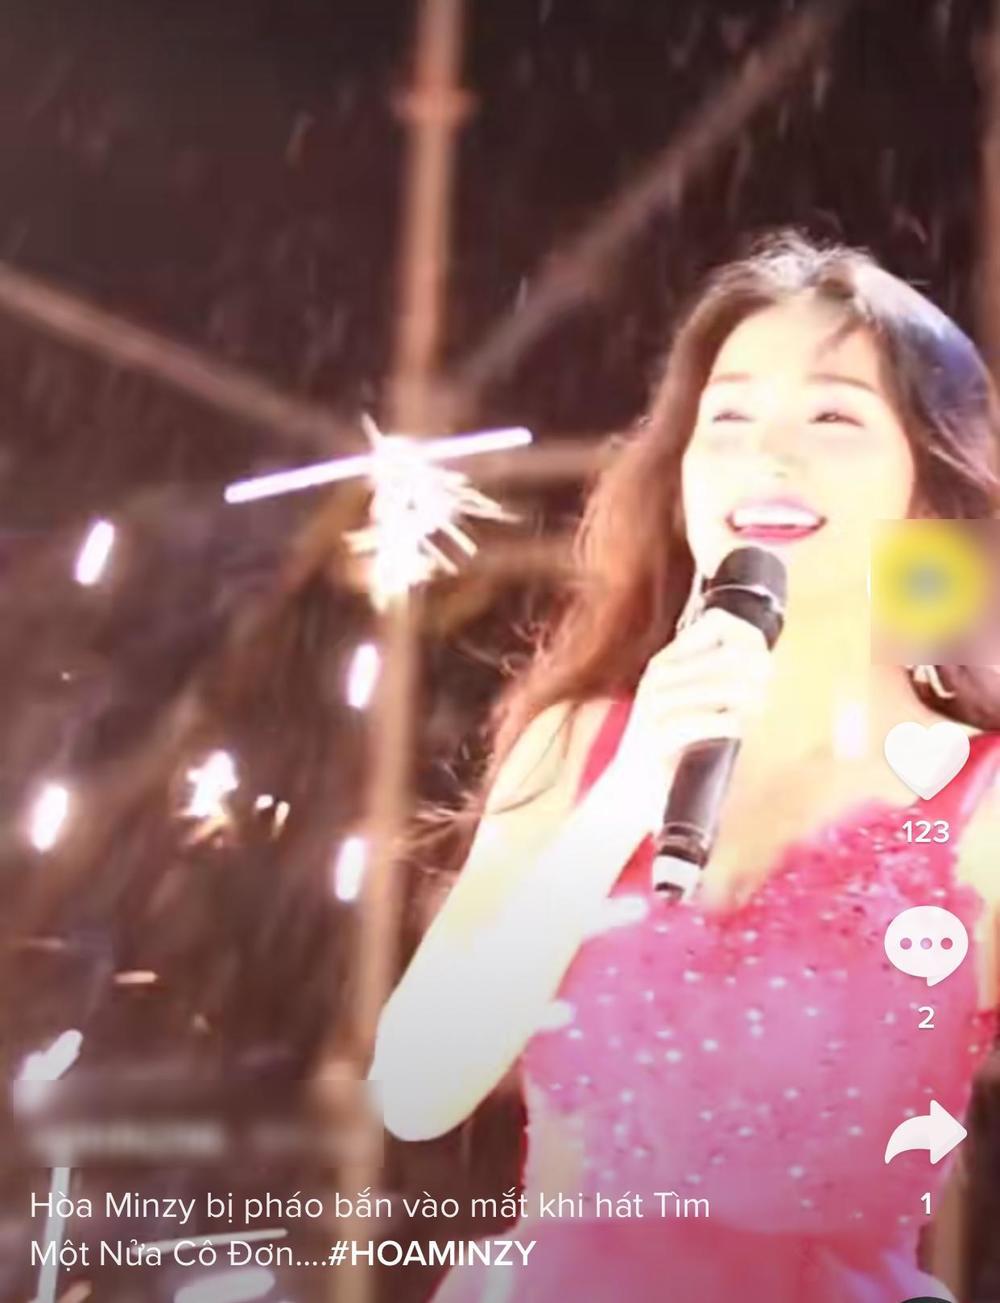 Hòa Minzy gặp sự cố ngay khi đang biểu diễn trên sân khấu - 1